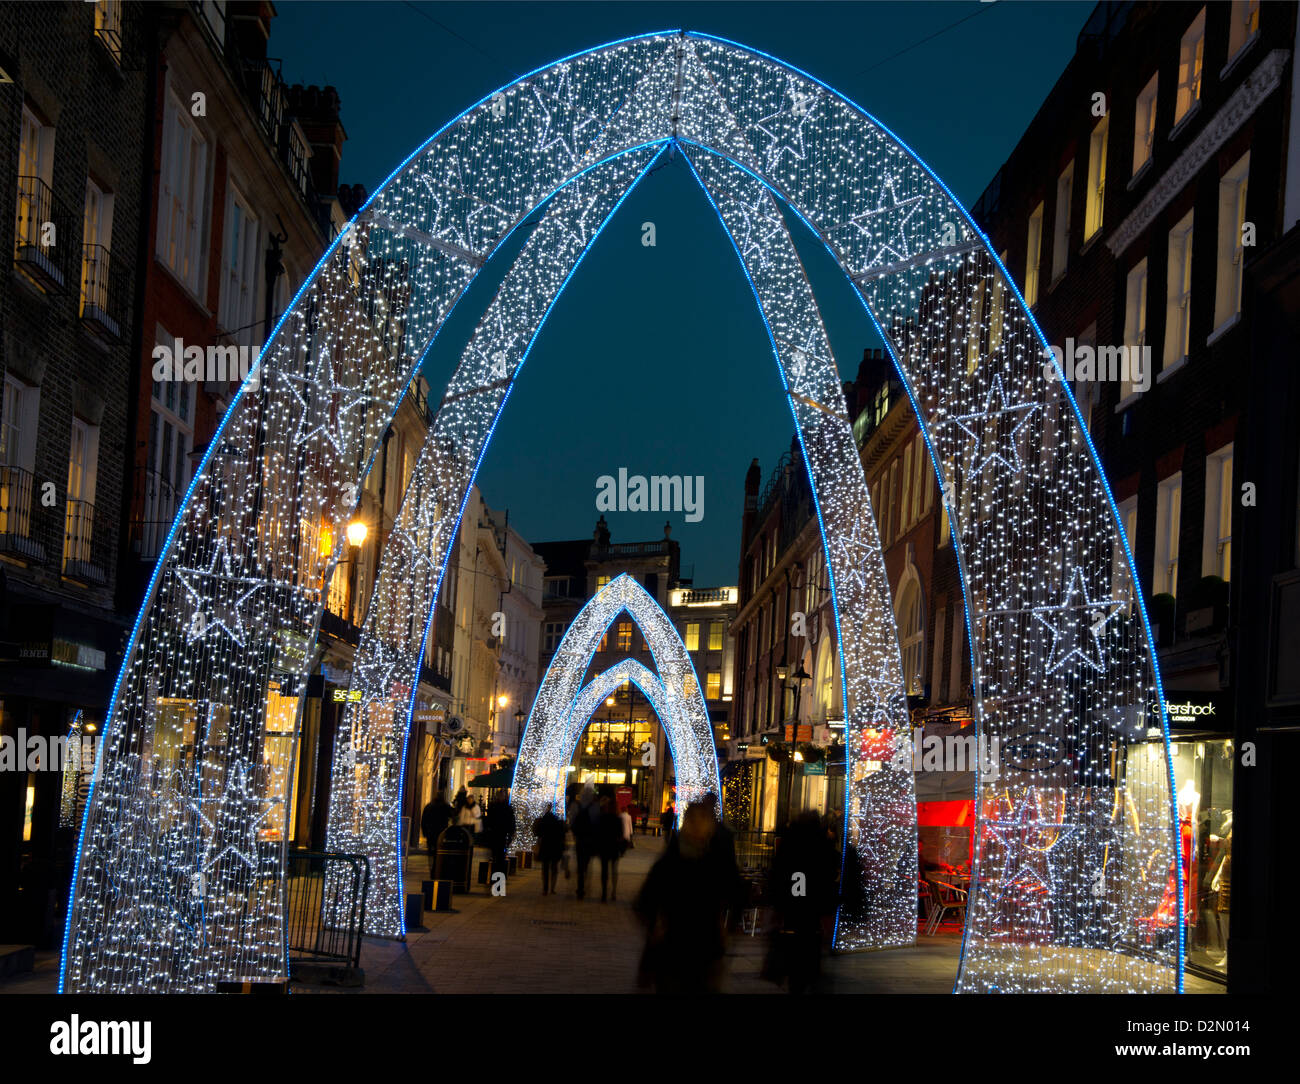 Christmas Lights On South Molton Street, London, England